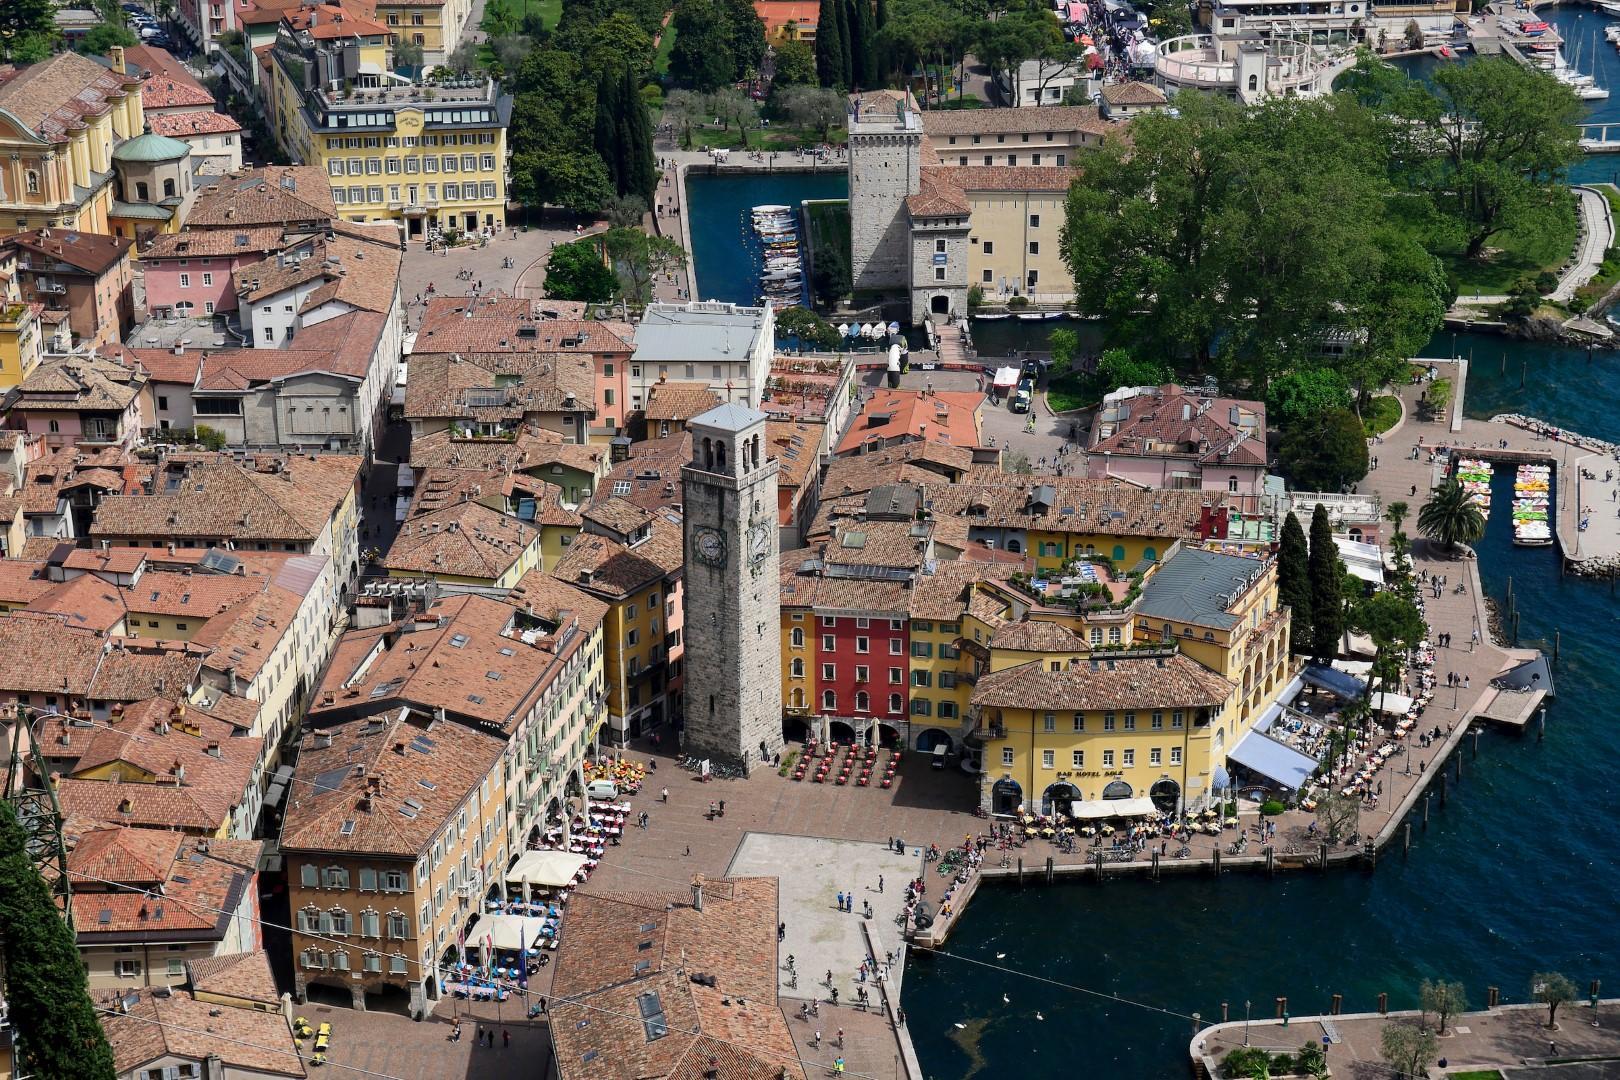 Ufficio Lavoro Riva Del Garda : A riva del garda una festa dellenogastronomia tgcom24